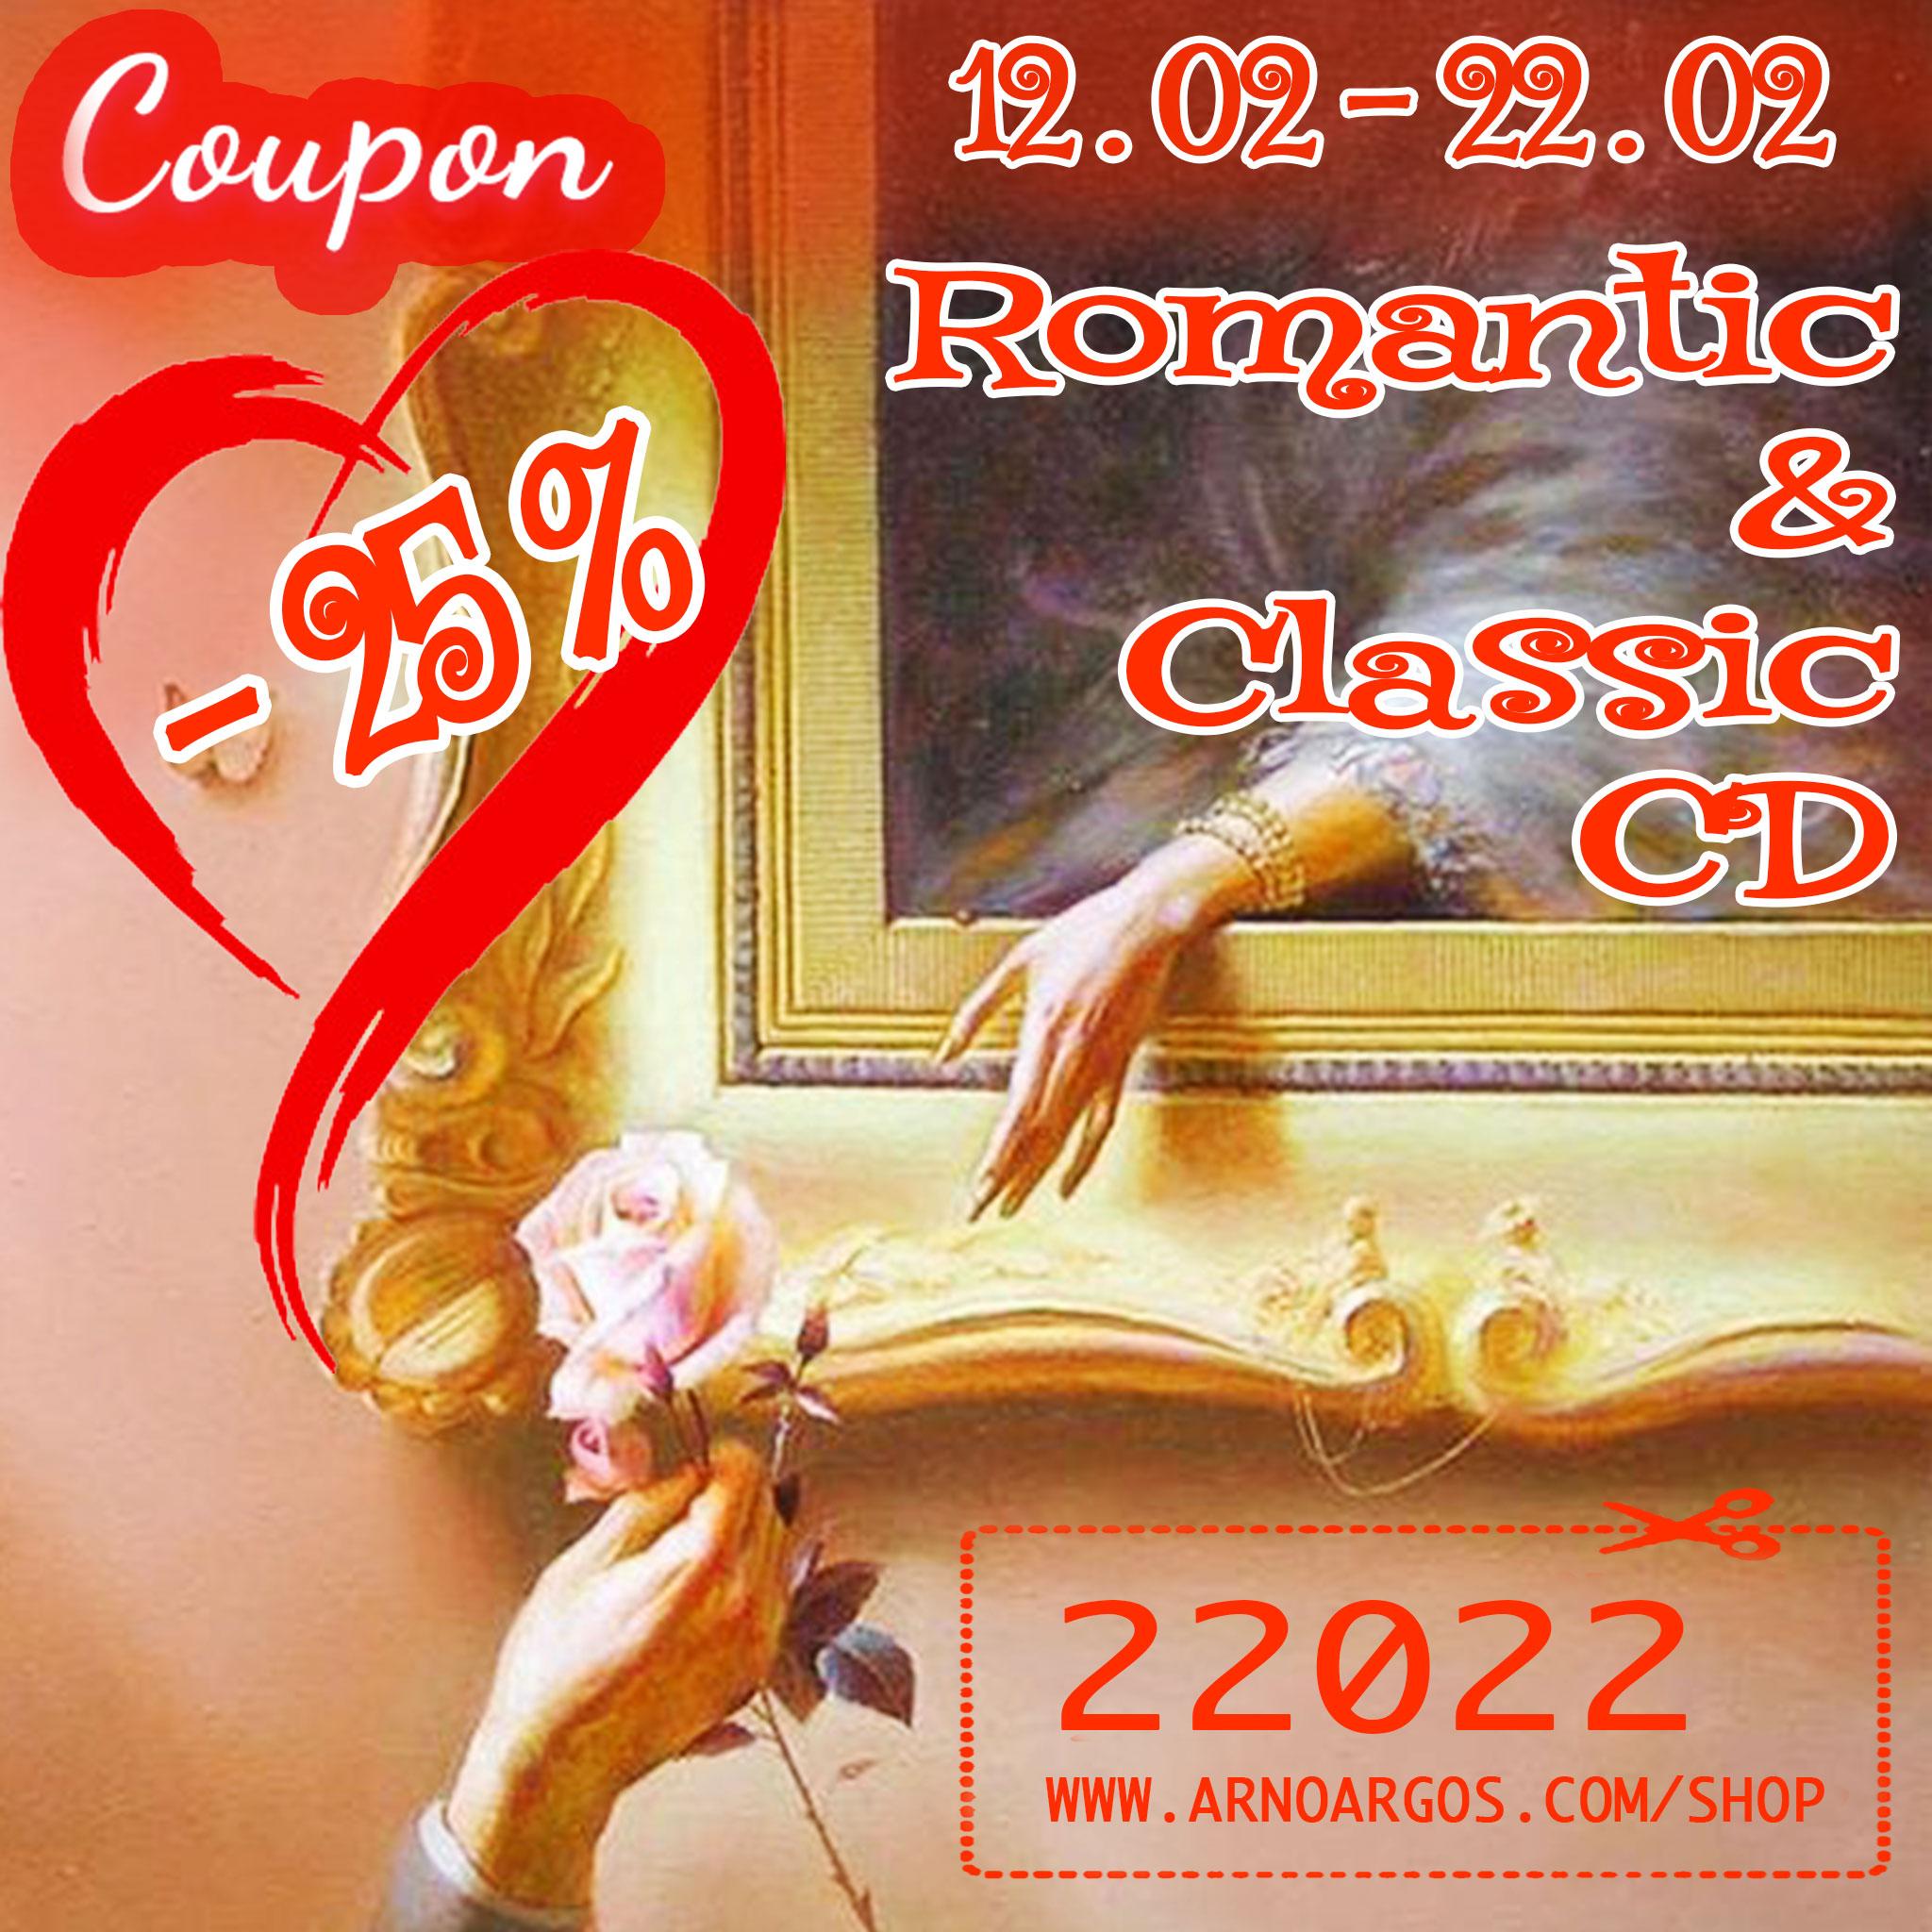 coupon22.02.209